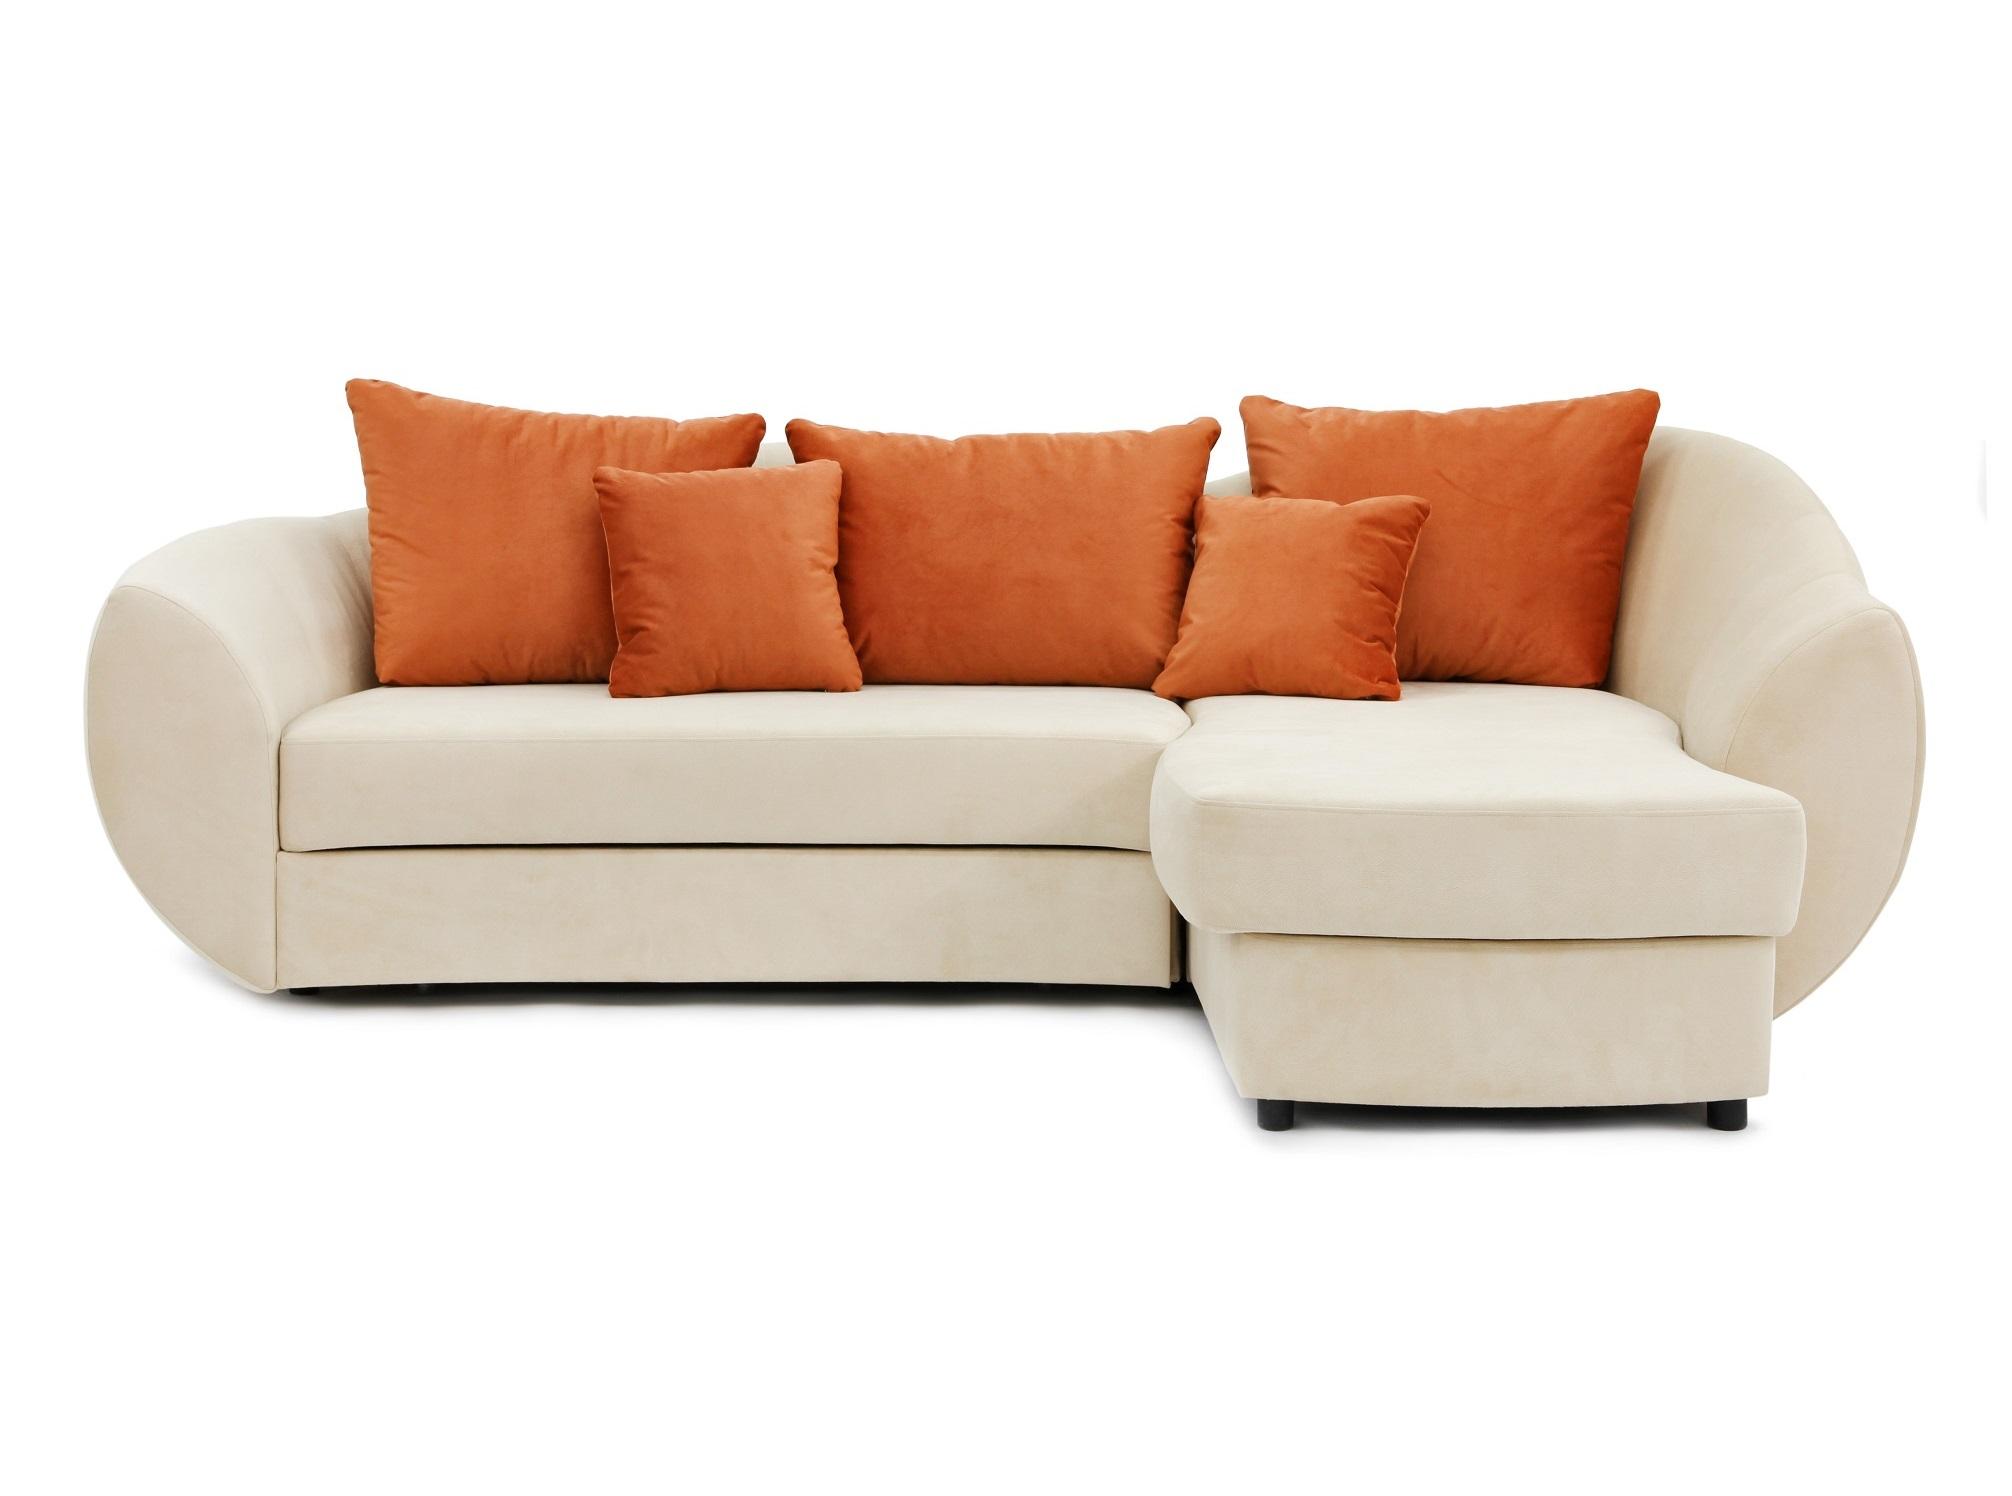 """Диван СиднейУгловые раскладные диваны<br>Угловой диван """"Сидней """" - это диван для отдыха и двуспальная кровать одновременно. Диван """"Сидней"""" может быть двух- или трехсекционным, имеет правое и левое исполнения (на рис. - левое исполнение).&amp;amp;nbsp;&amp;lt;div&amp;gt;&amp;lt;br&amp;gt;&amp;lt;div&amp;gt;Возможен заказ дивана с любым количеством подушек спинки.&amp;amp;nbsp;&amp;lt;/div&amp;gt;&amp;lt;div&amp;gt;Декоративные подушки в комплект не входят.&amp;amp;nbsp;&amp;lt;/div&amp;gt;&amp;lt;div&amp;gt;Большой выбор обивочных тканей.&amp;lt;/div&amp;gt;&amp;lt;/div&amp;gt;<br><br>Material: Текстиль<br>Ширина см: 288.0<br>Высота см: 99.0<br>Глубина см: 194.0"""